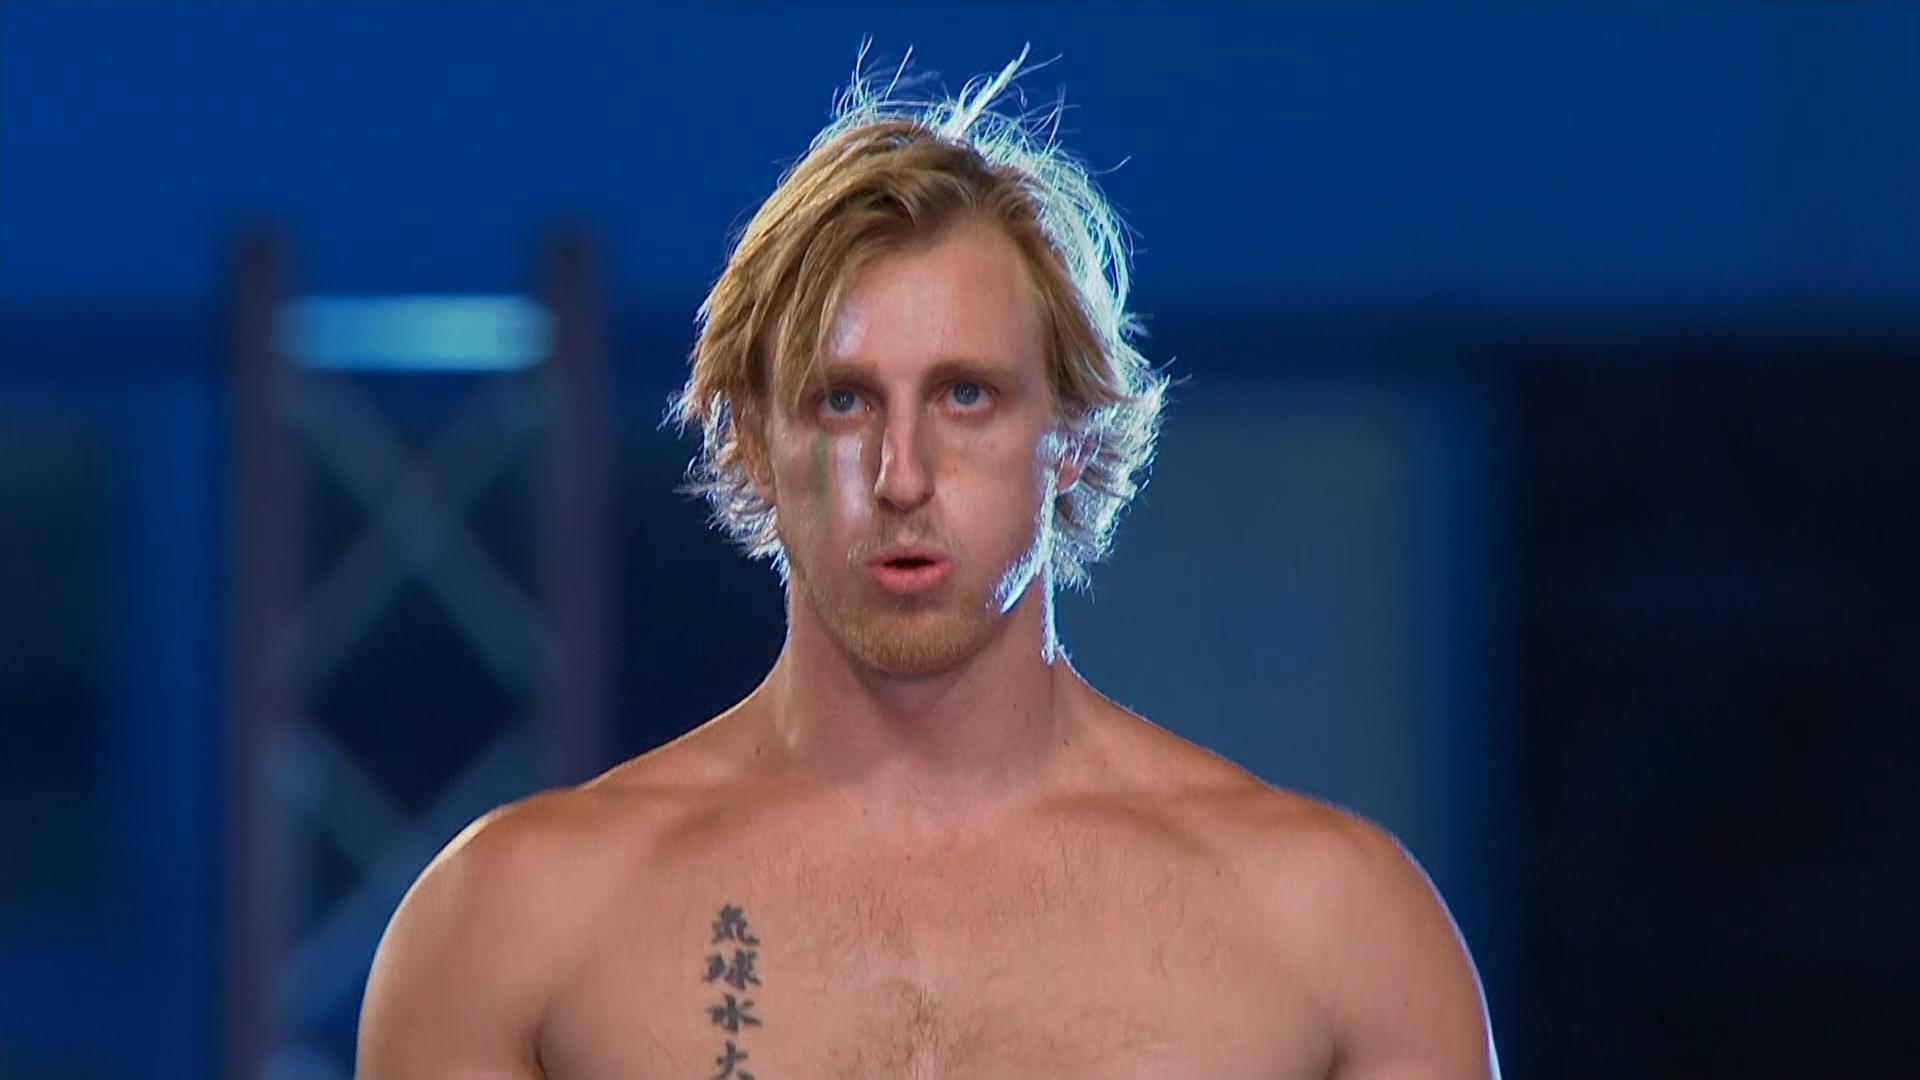 Ep10 – Josh O'Sullivan's cautious approach to Stage 3 – Australian Ninja Warrior 2019